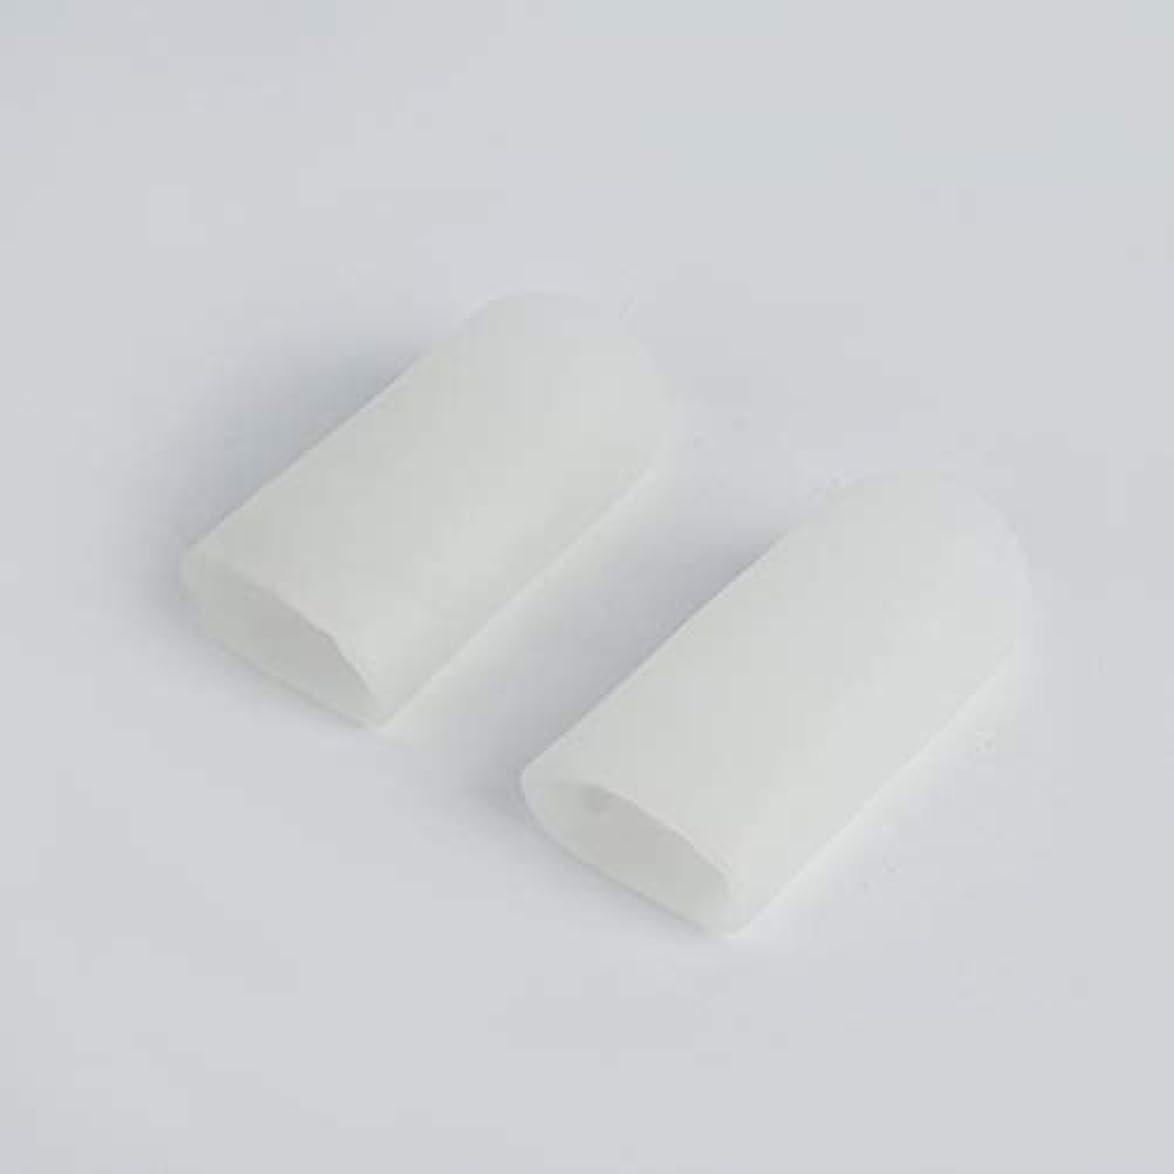 ガスマトン不規則性Open Toe Tubes Gel Lined Fabric Sleeve Protectors To Prevent Corns, Calluses And Blisters While Softening And...